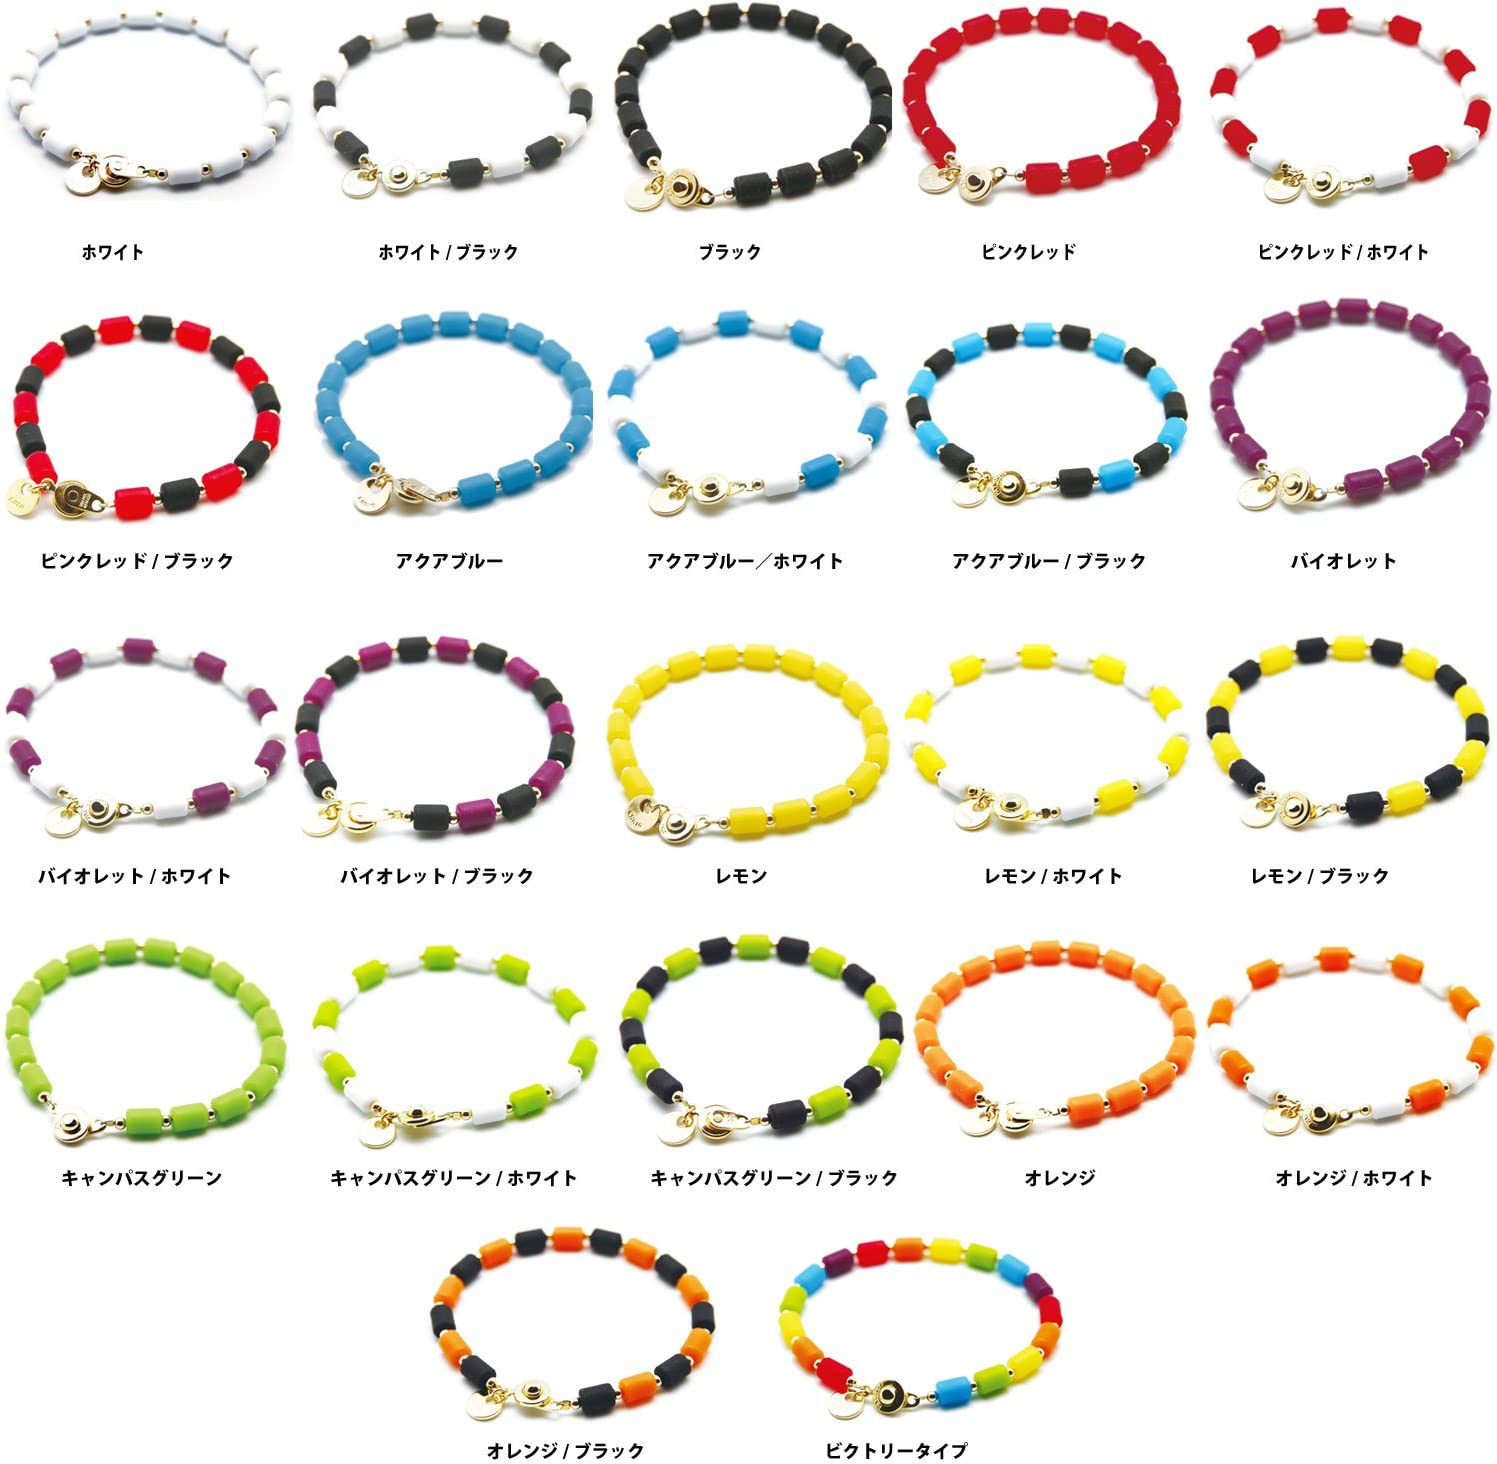 クリオ インパルス ブレスレットピンクレッド×ホワイト/CHRIO Impulse Bracelet【S】